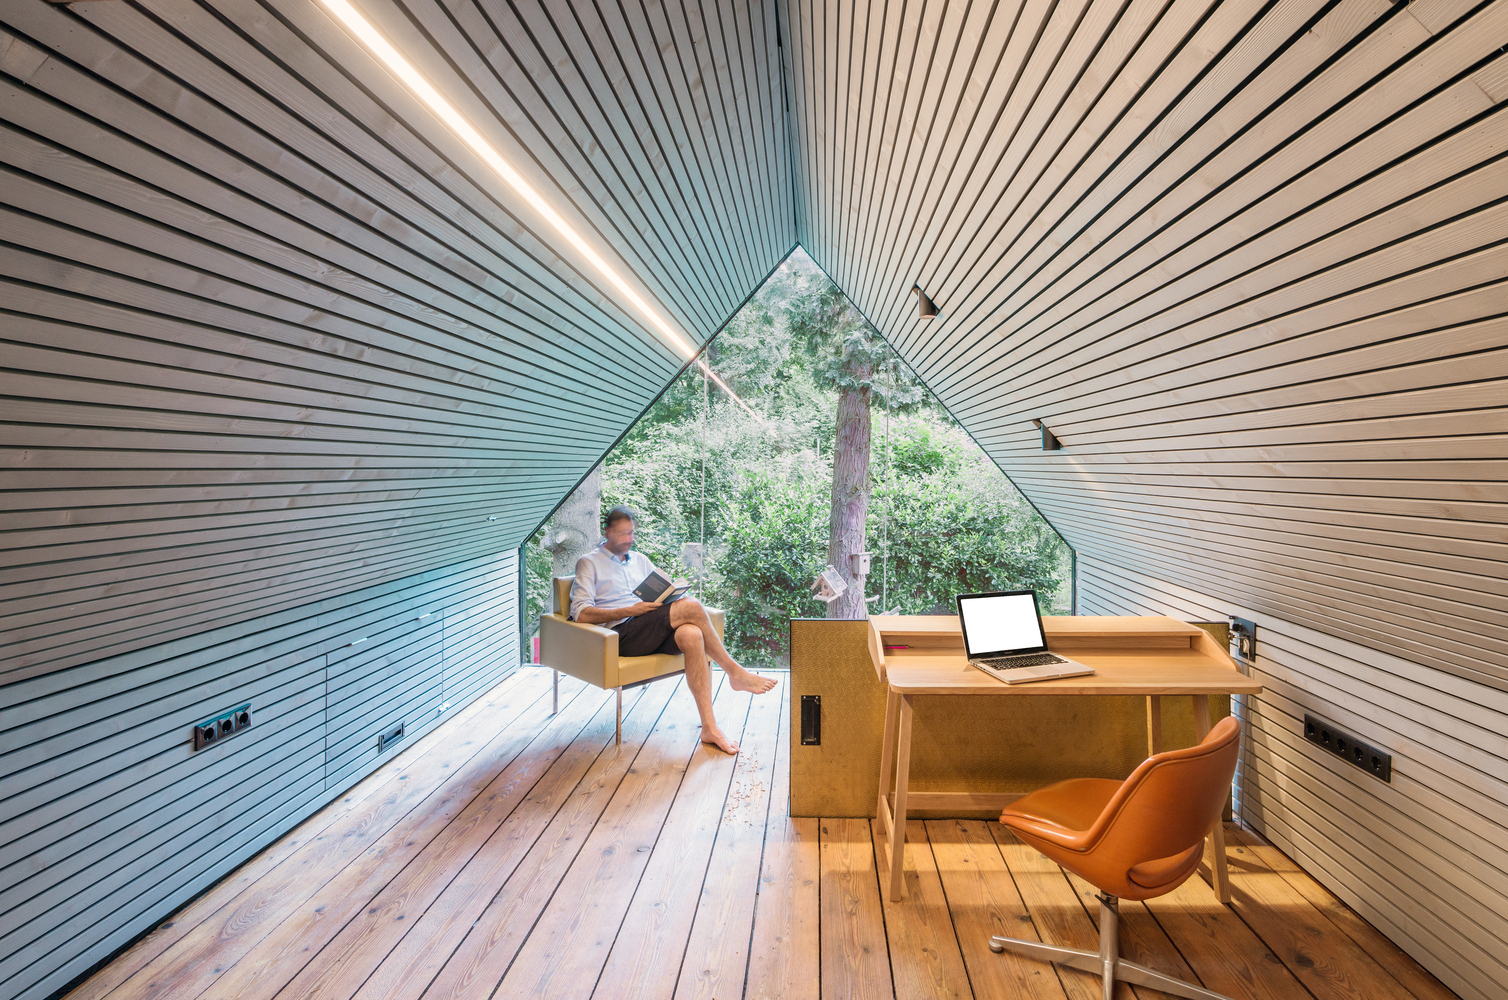 اهمیت راحتی و سادگی در طراحی داخلی